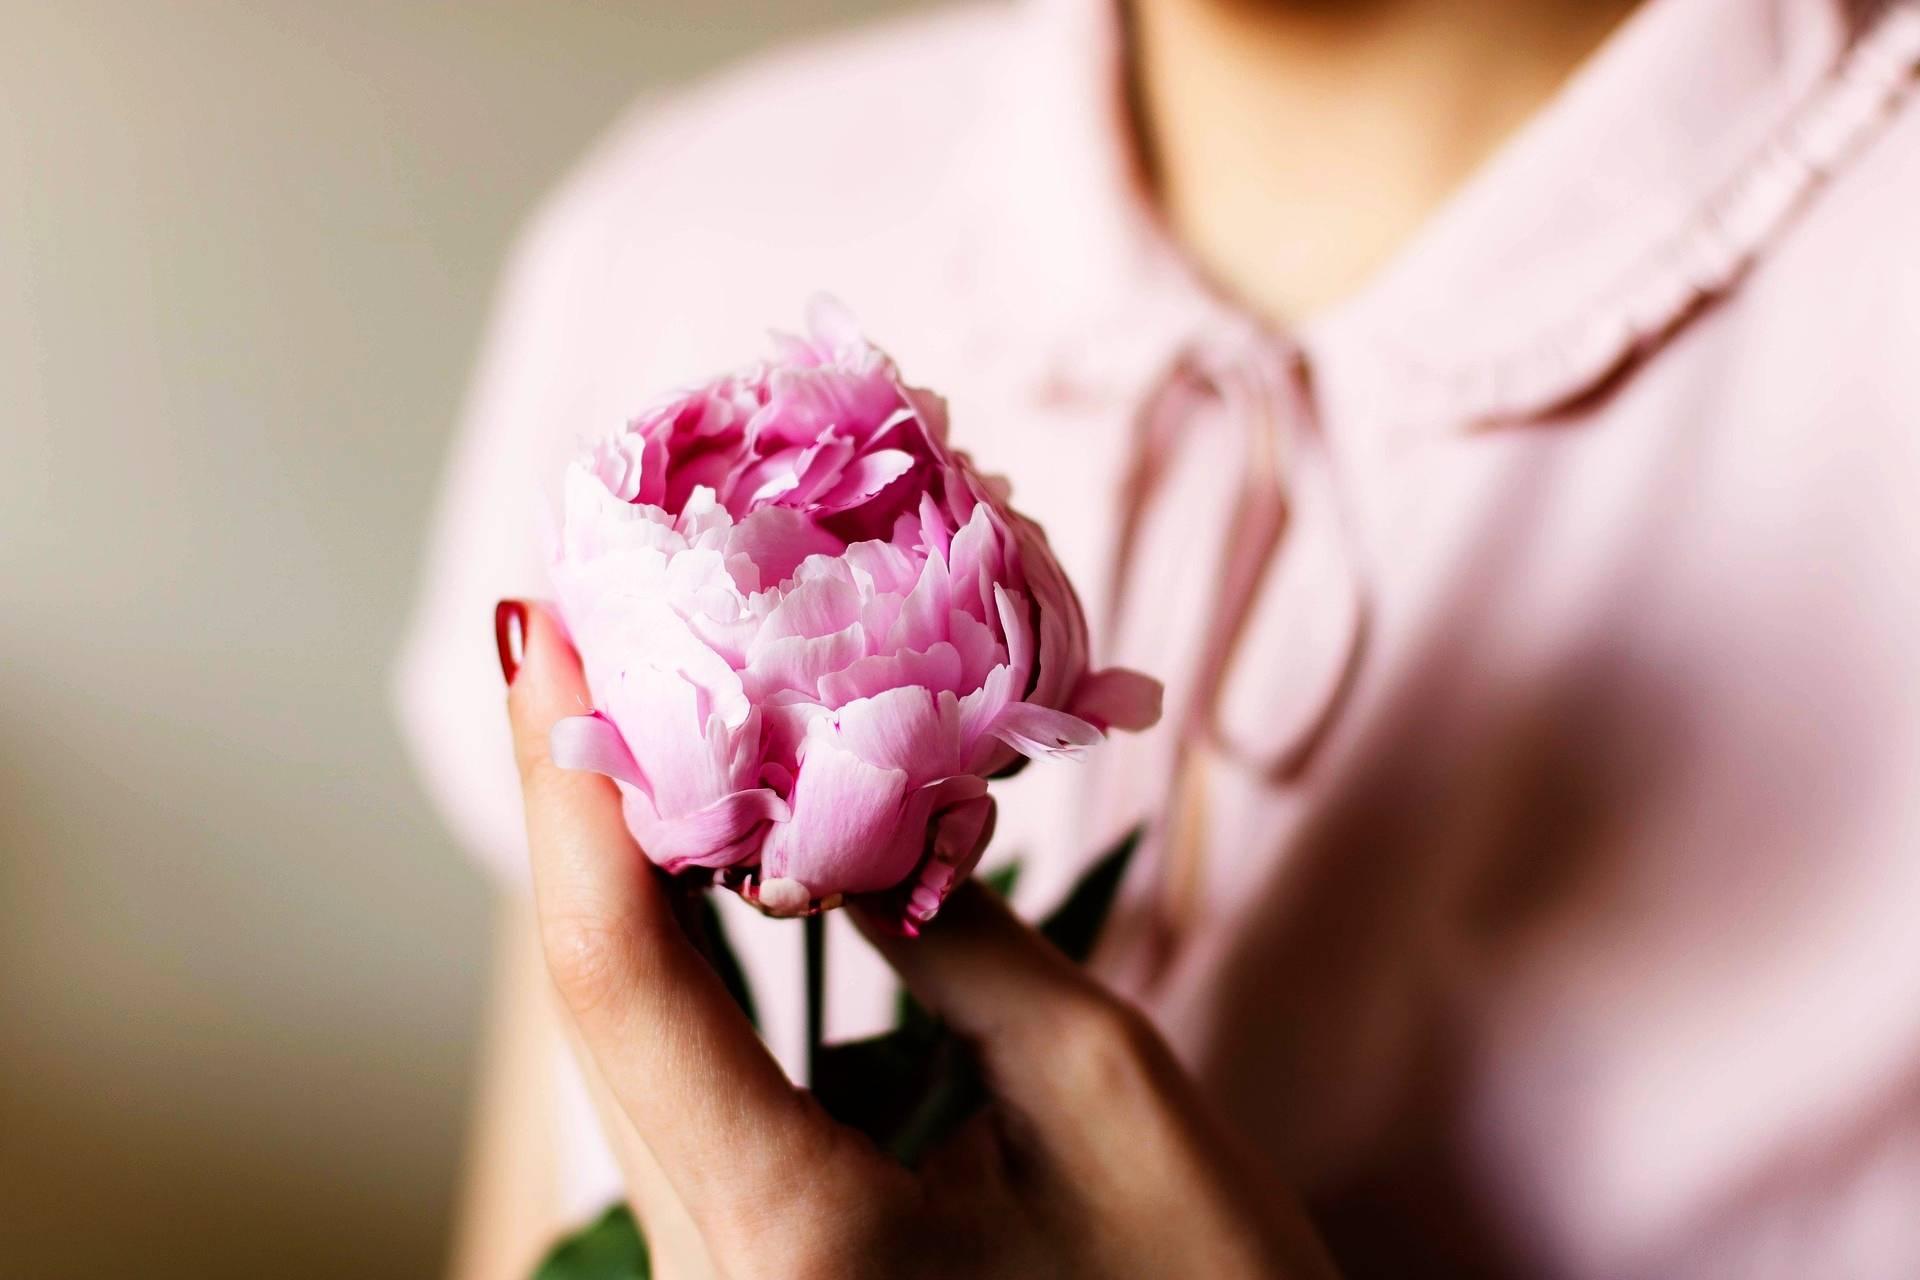 Jak wygląda prawidłowa miesiączka i jak zadbać o jej prawidłowe yin i yang? Jakie są przyczyny zaburzeń cyklu menstruacyjnego w medycynie chińskiej? Kobieta w różowej bluzce trzyma różową piwonię.